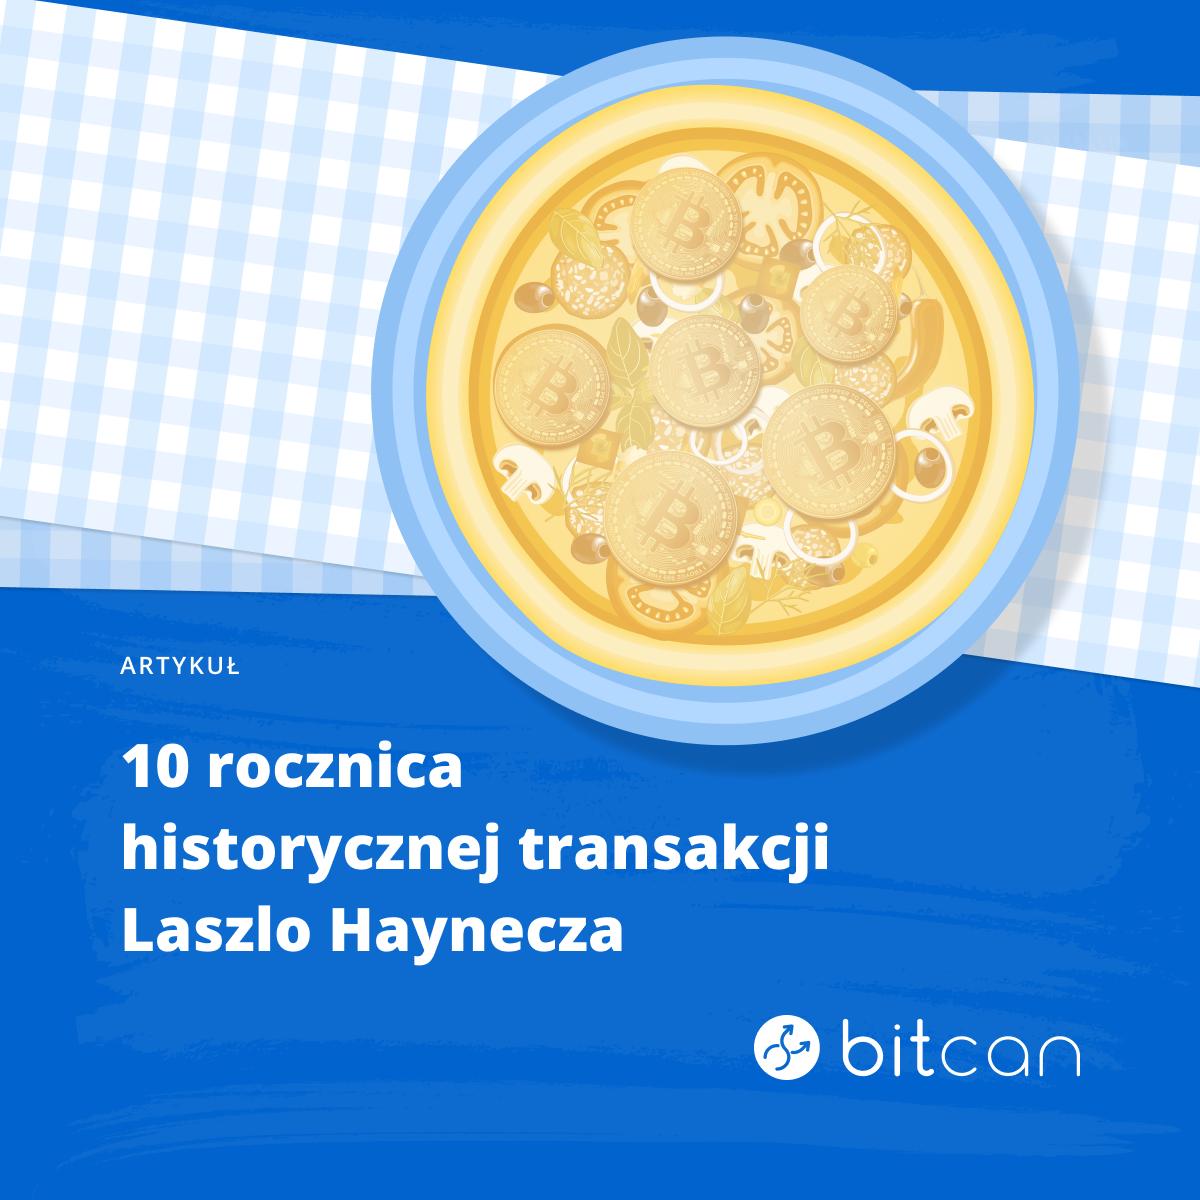 10. rocznica Pizza Day. 22 maja 2010 roku miejsce miała historyczna transakcja dla rynku Bitcoina